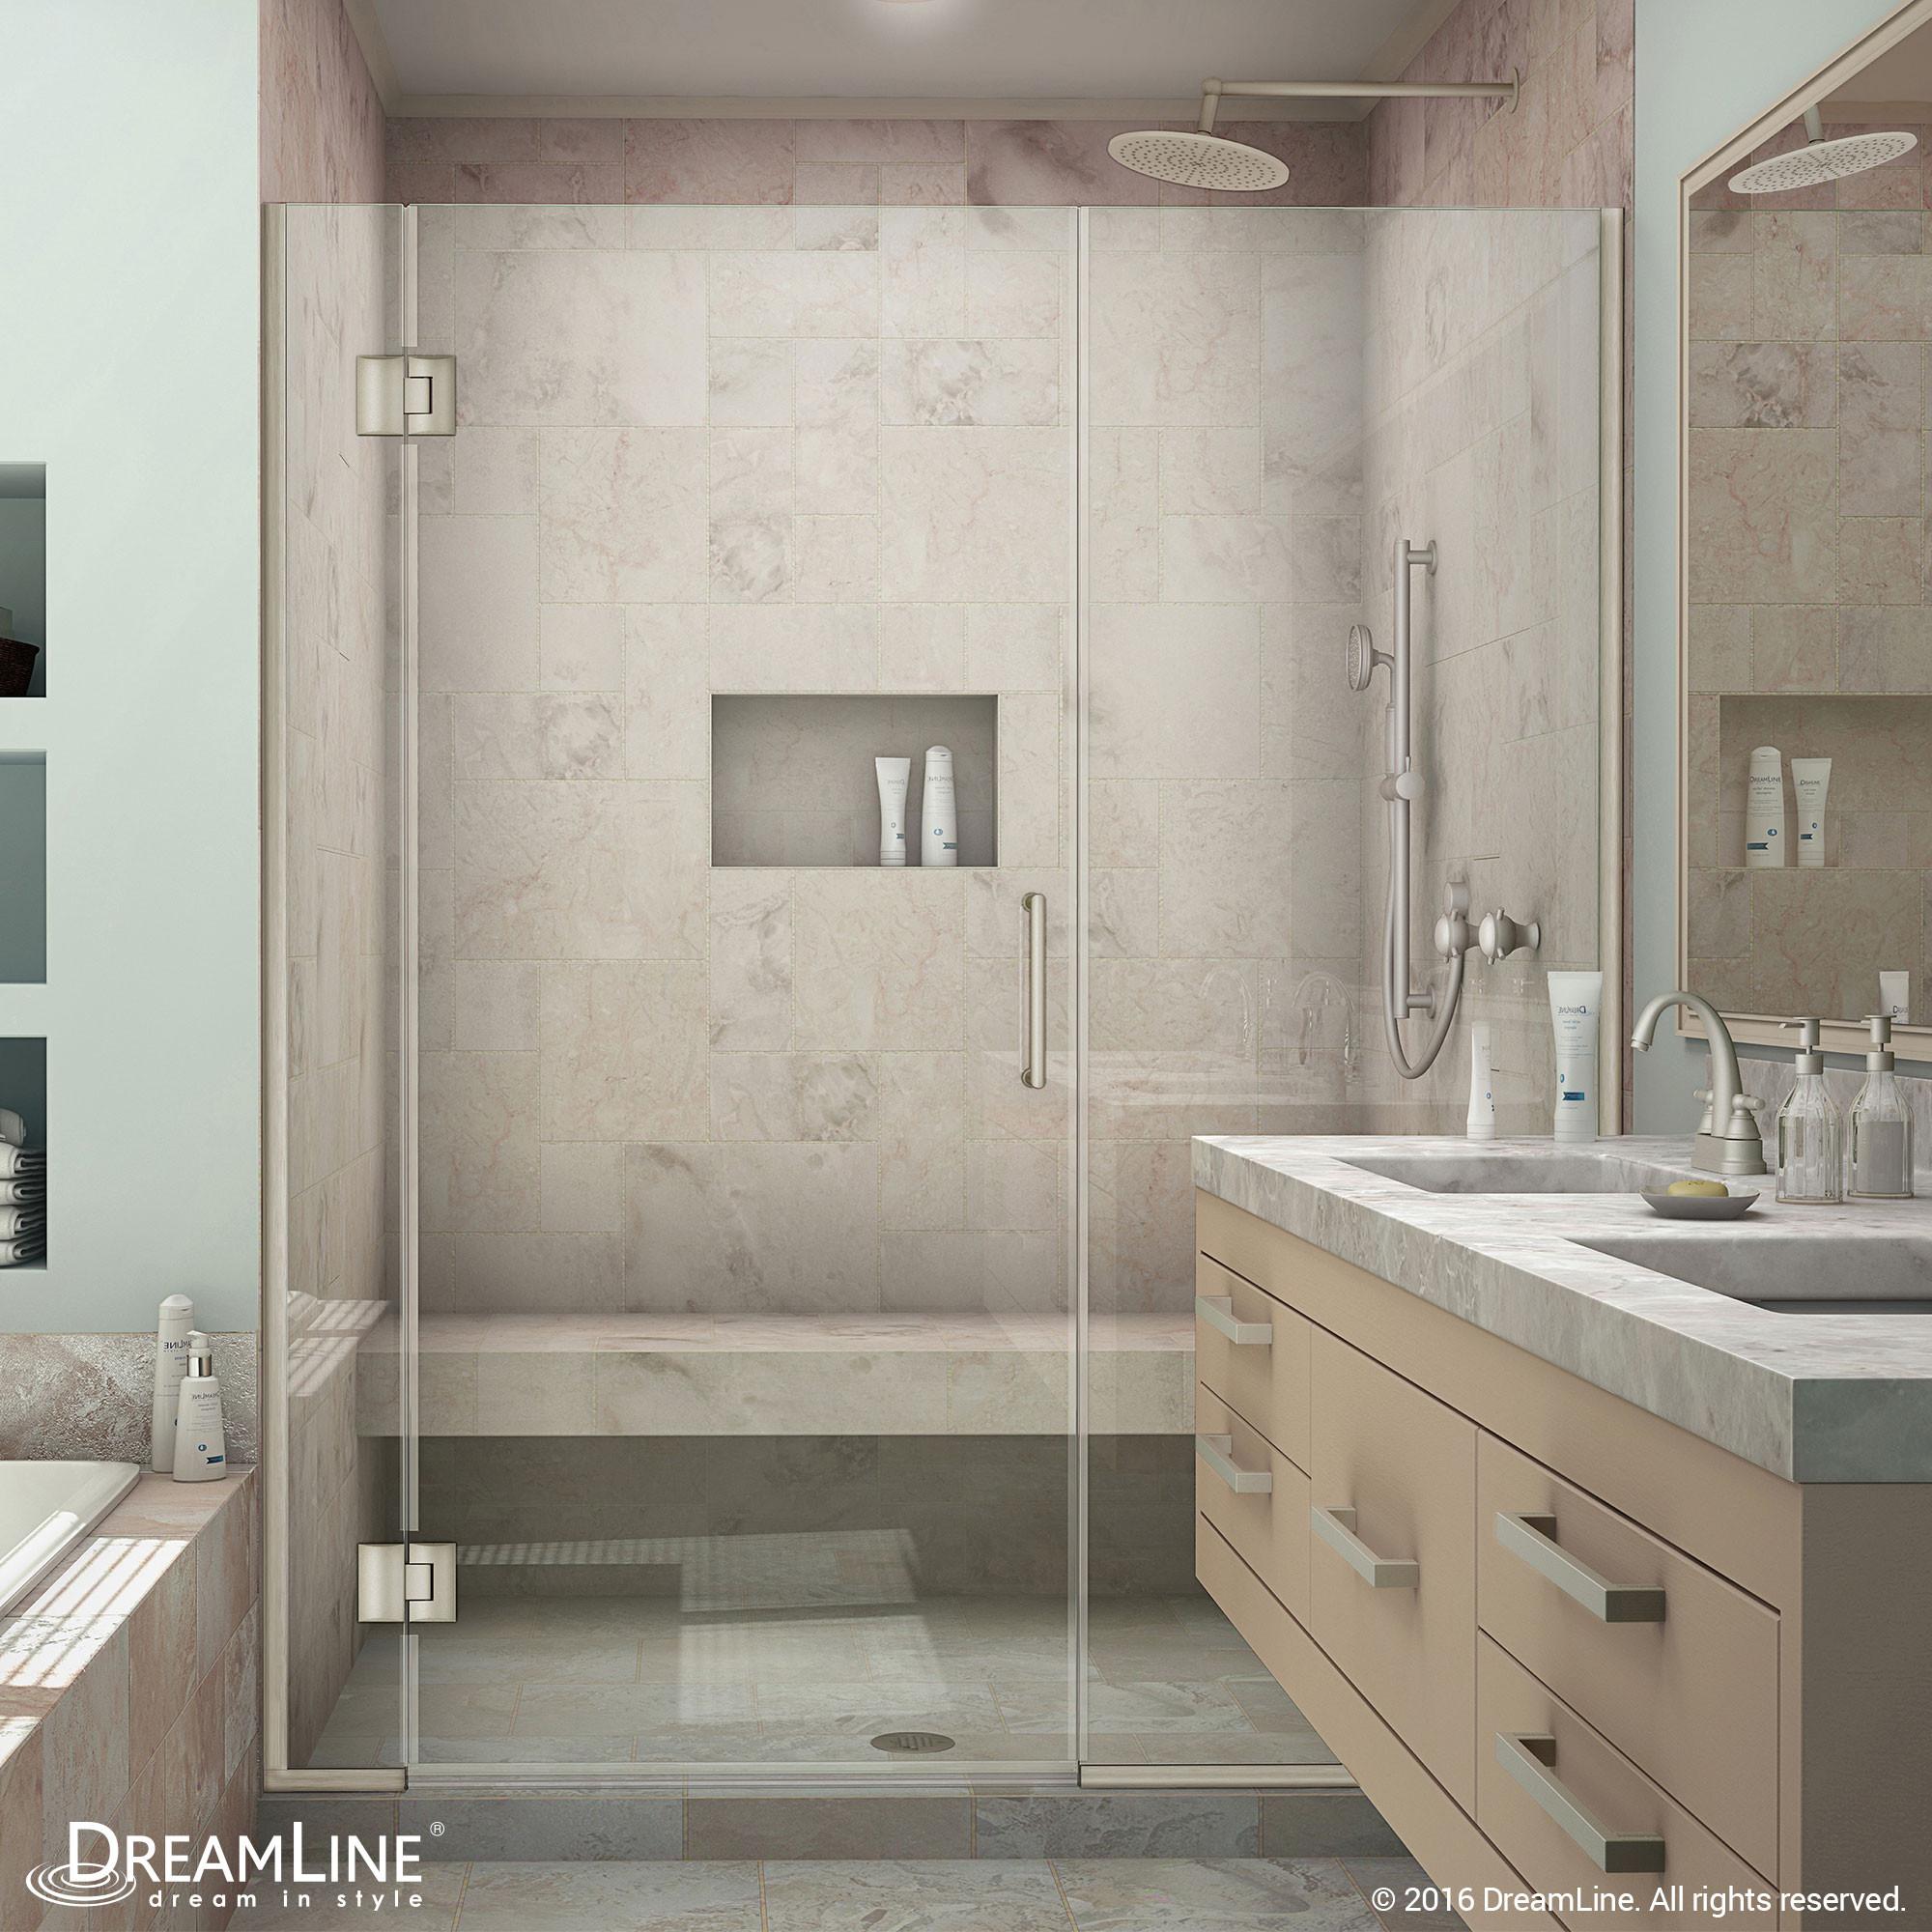 DreamLine D1233072-04 Unidoor-X 59 - 59 1/2 in. W x 72 in. H Hinged Shower Door in Brushed Nickel